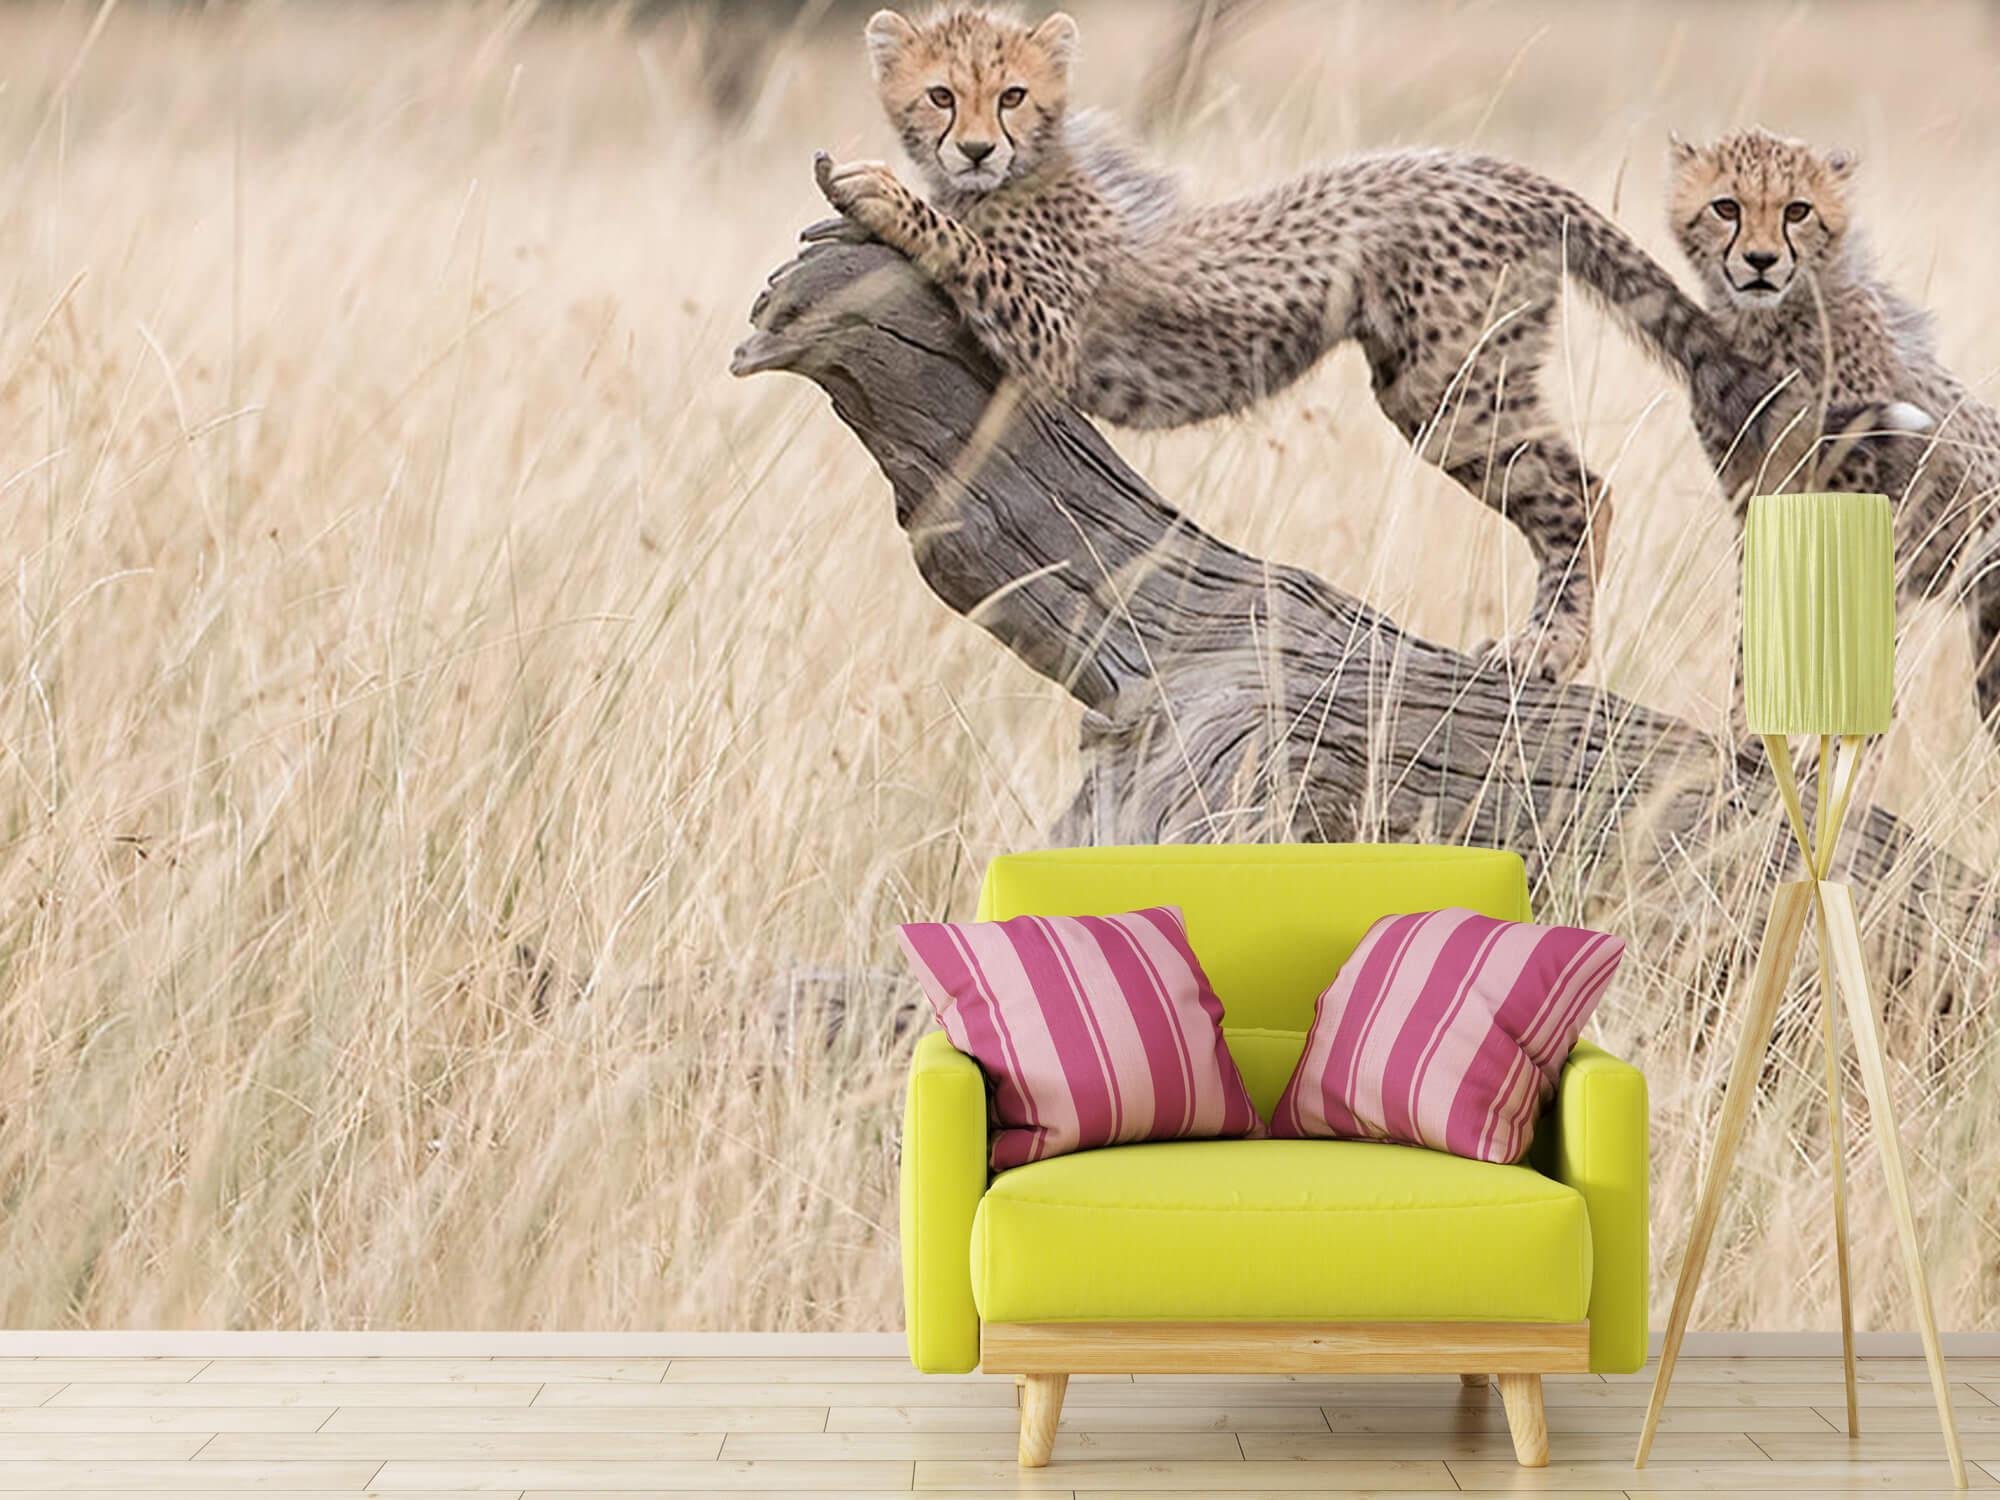 Curious Kitties 15